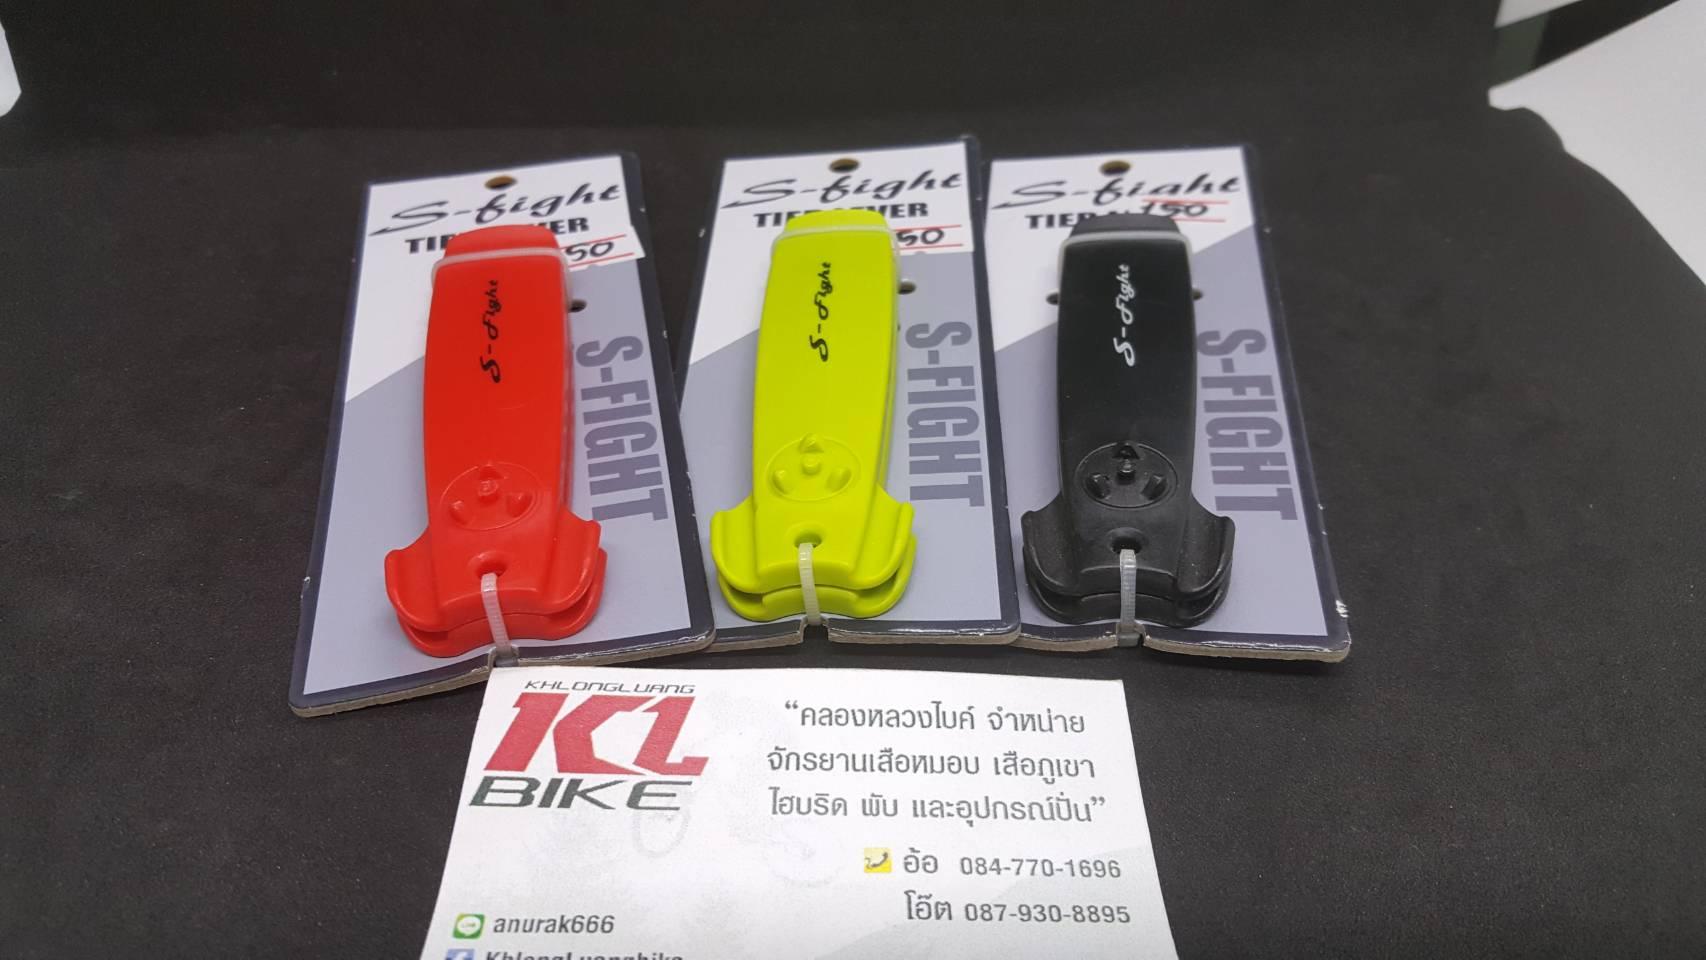 ที่งัดยาง S-Fight แบบบาง มีสามสี ดำ แดง และเขียว แข็งแรง ไม่หักง่ายแน่นอน งัดและรีดยางได้สะดวก